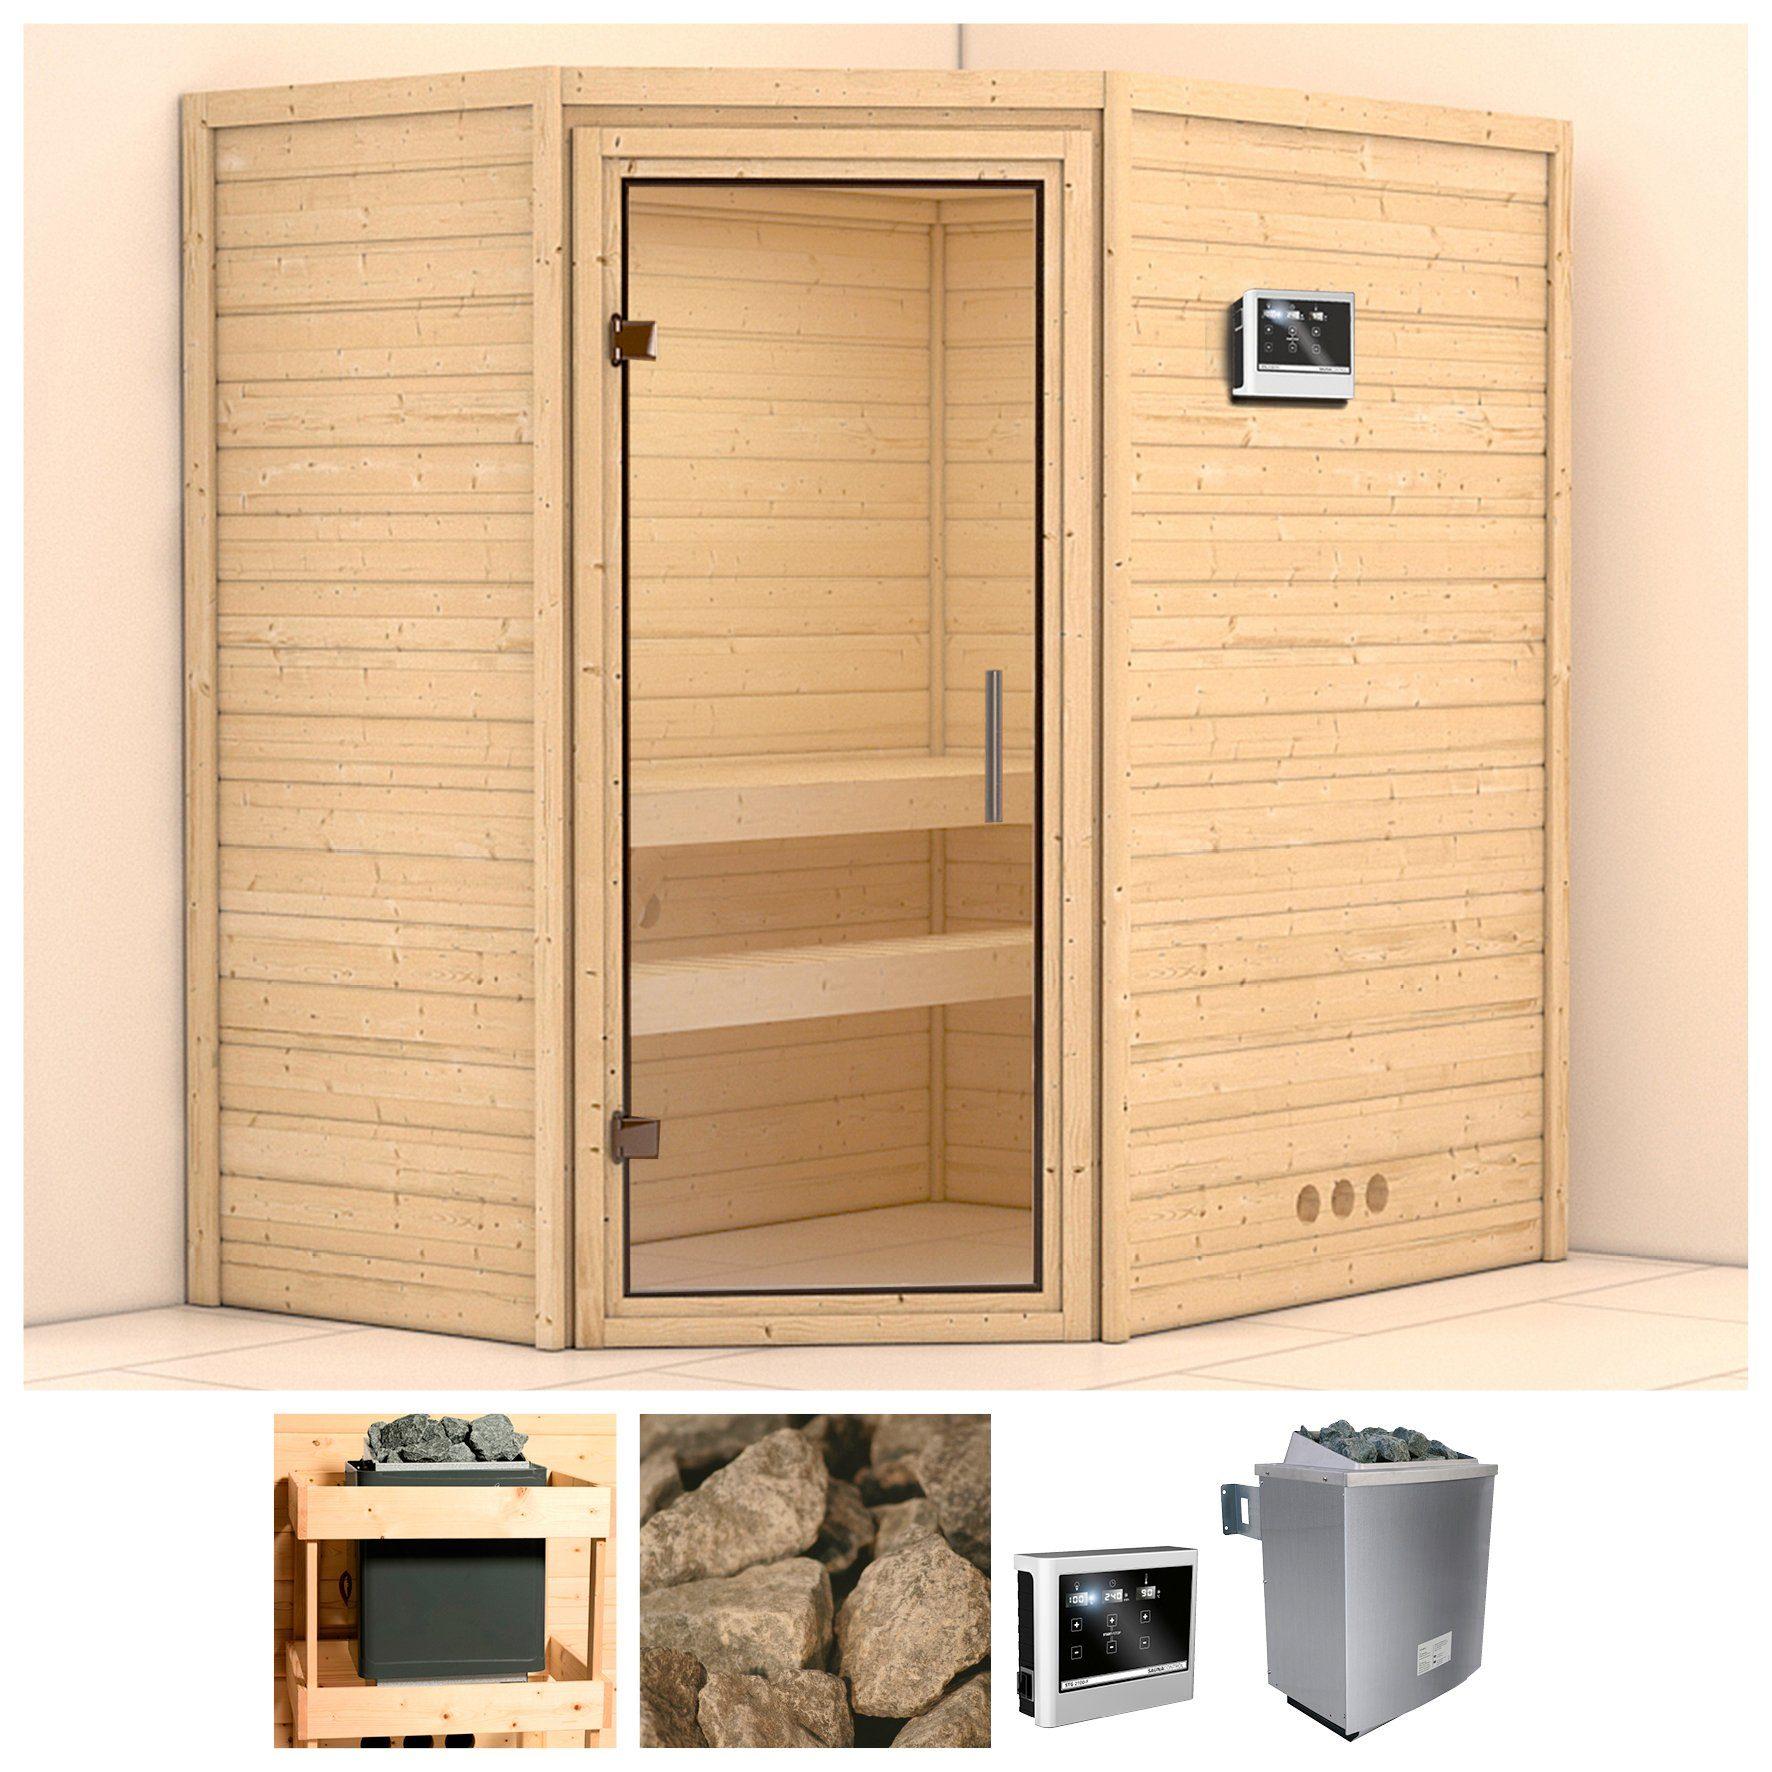 KONIFERA Sauna »Svea«, 196/146/200 cm, 9-kW-Ofen mit ext. Steuerung, Glastür klar